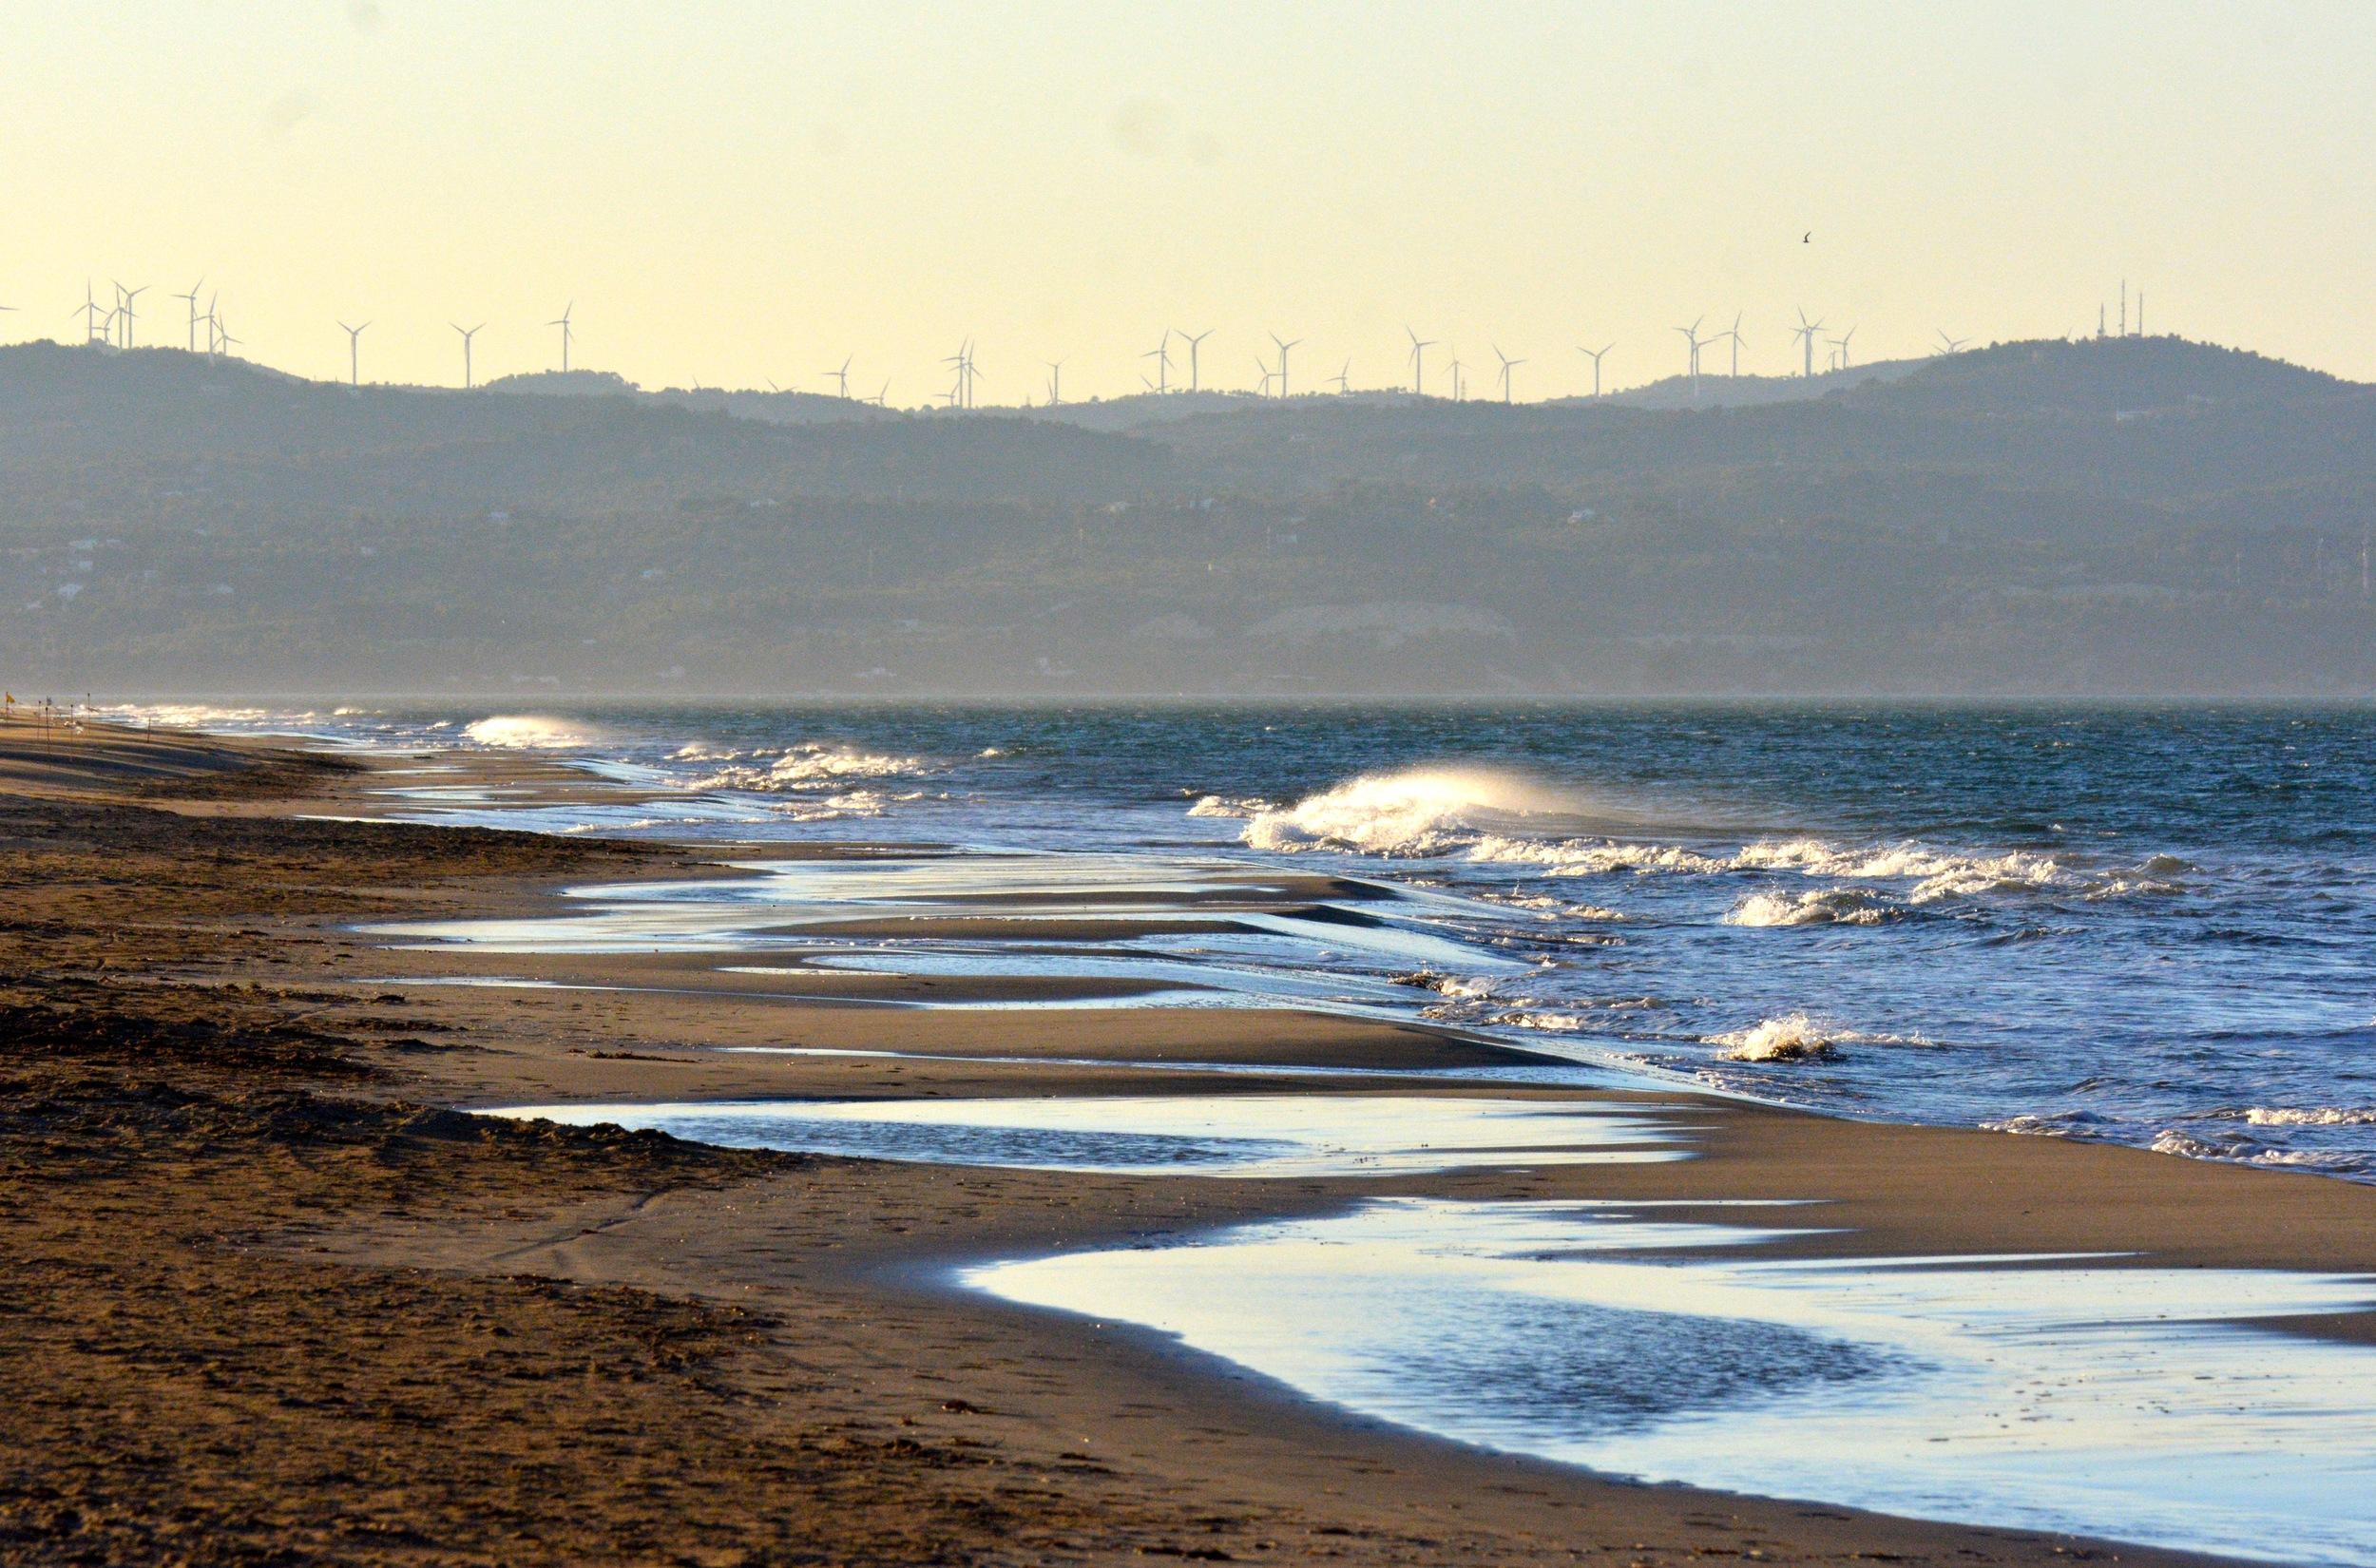 Ferien Spanien 7.14 867_bearbeitet-1.jpg